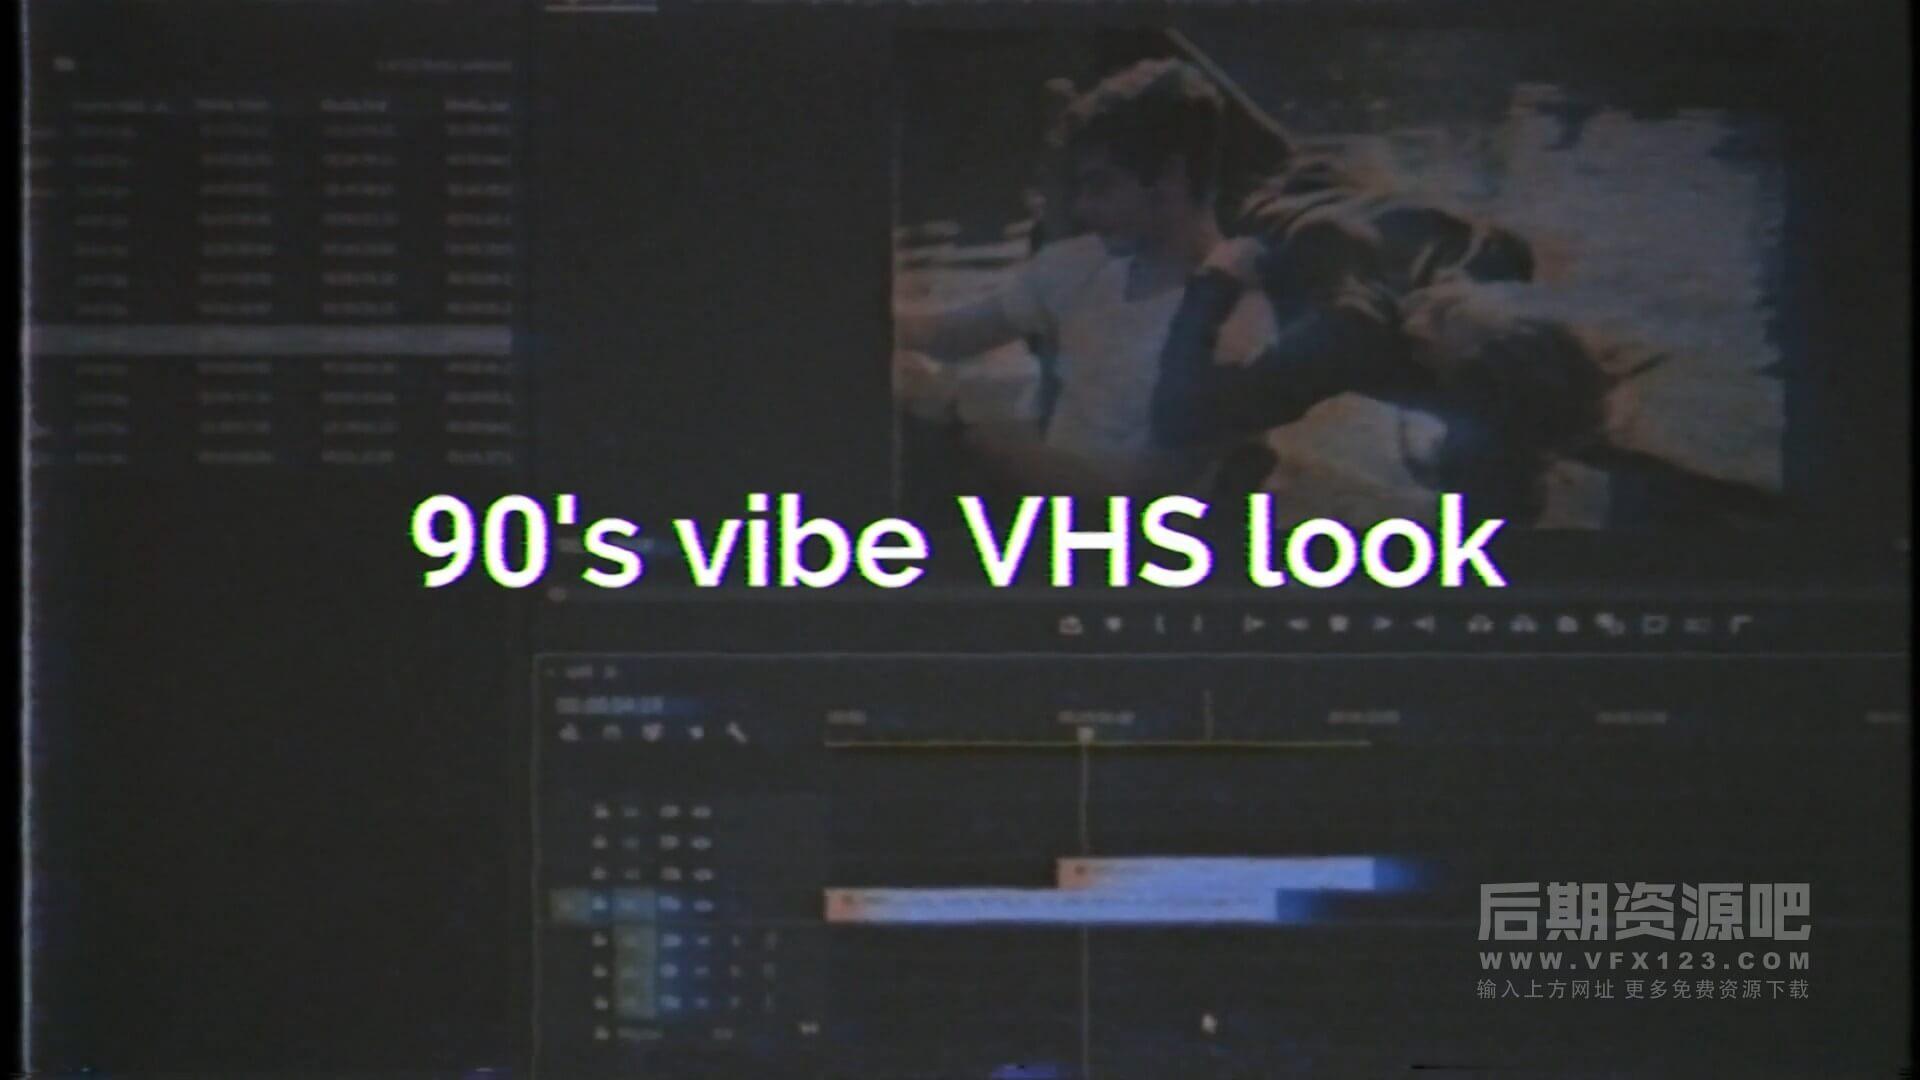 视频素材 后期制作常用特效合成素材包 含音效 Package Holiday 2020